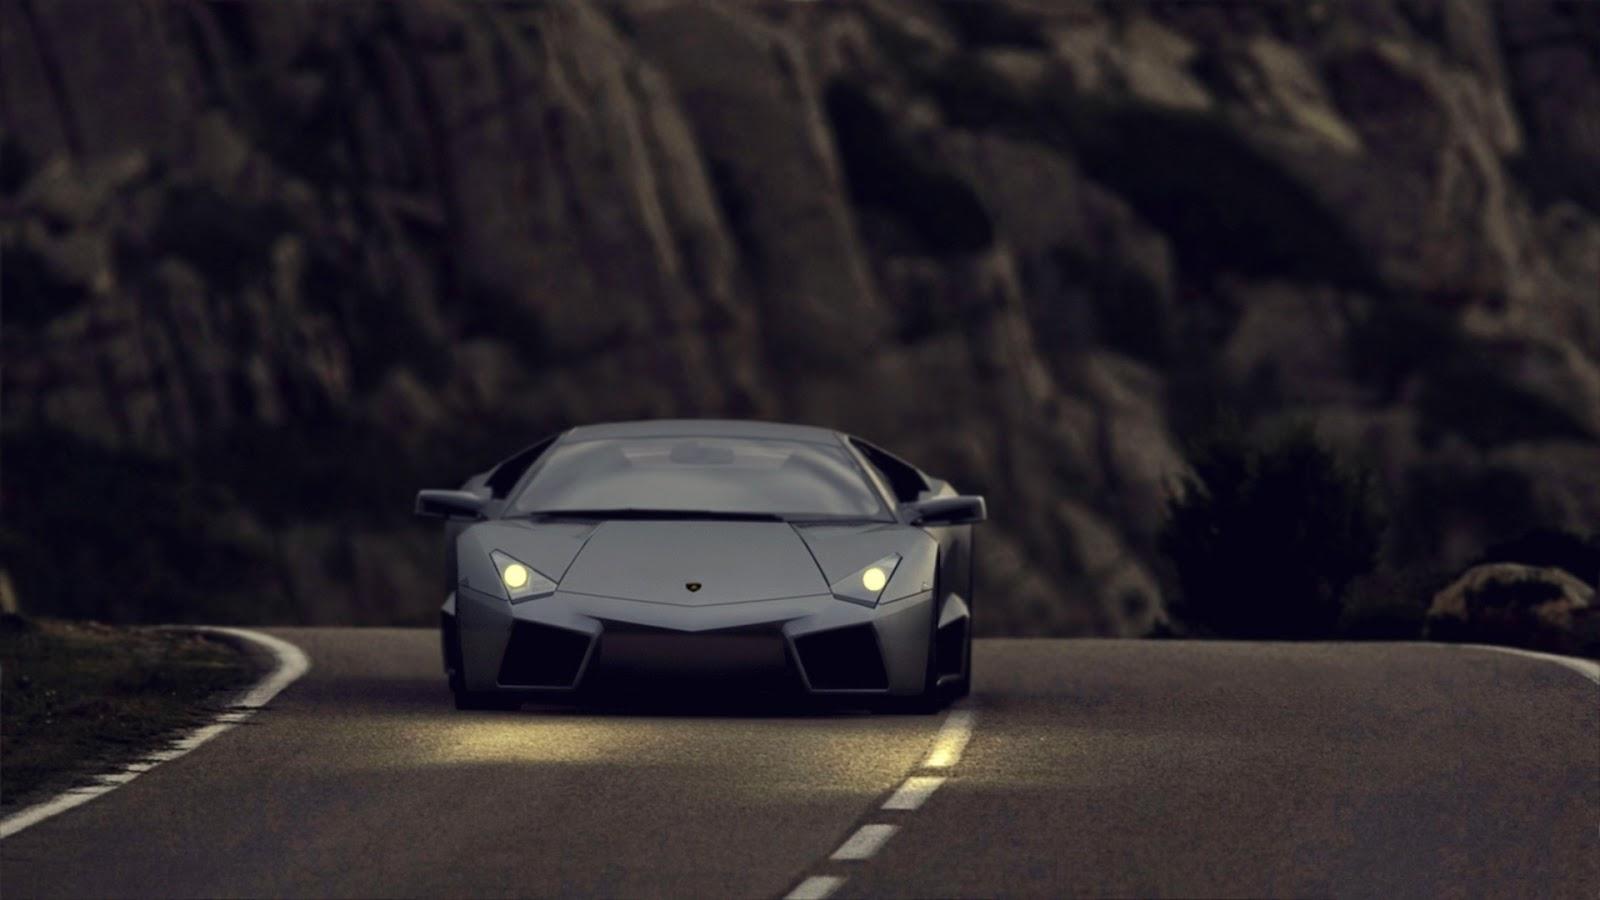 Car Wallpapers Lamborghini HD